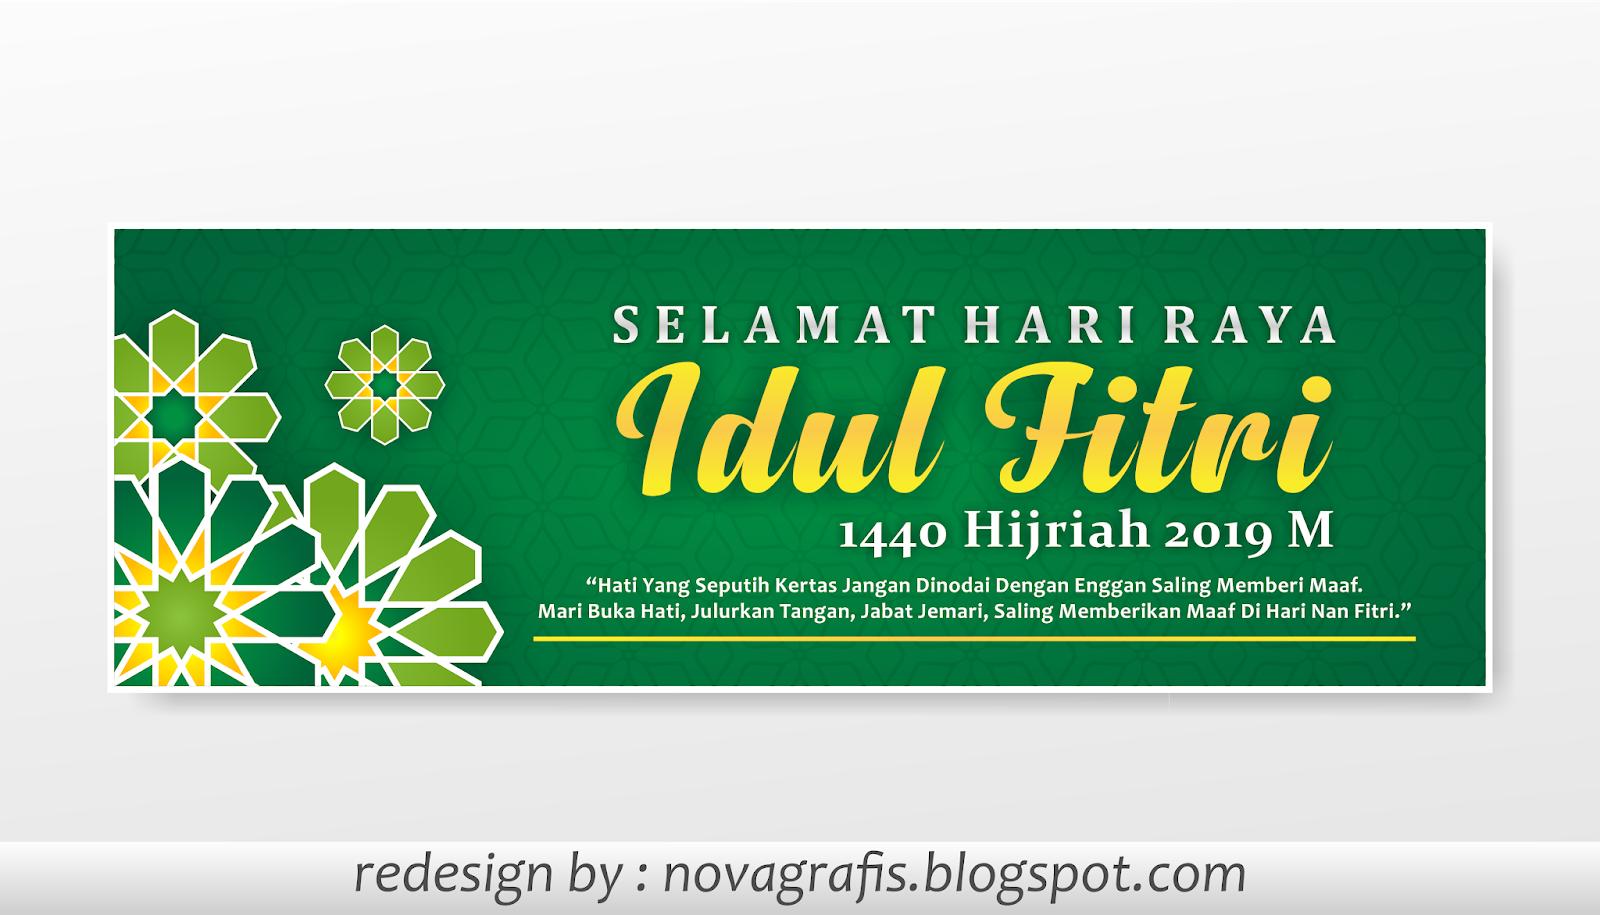 Banner Idul Fitri 2019 Nova Grafis